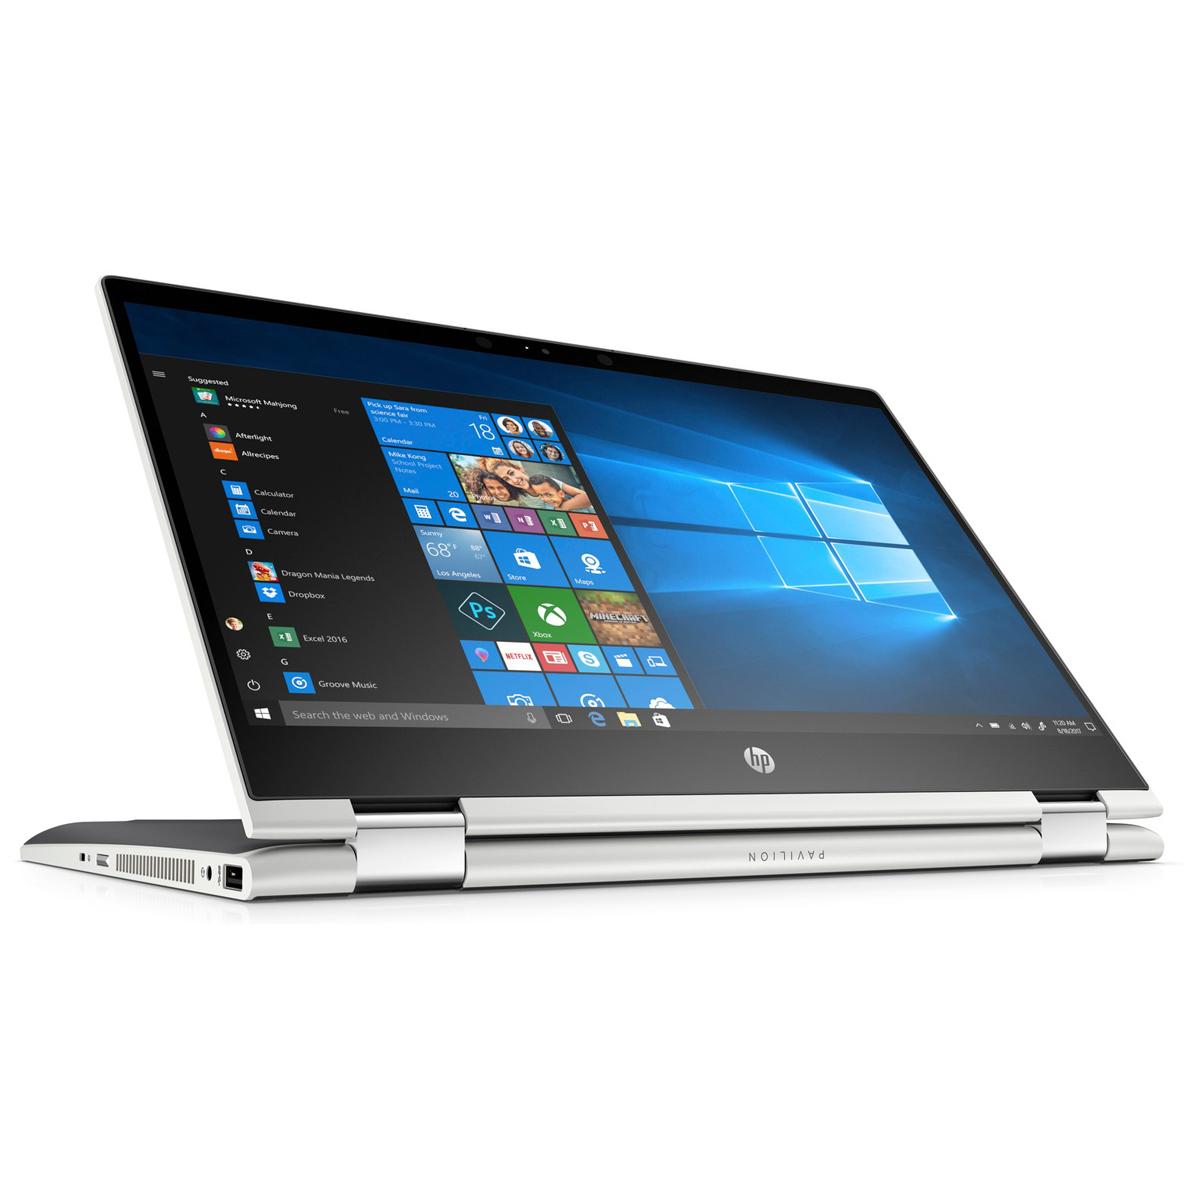 """HP Pavilion x360 14-cd0005ng, 14"""" FHD Convertible, Core i7-8550U, 8GB RAM, 128GB SSD + 1TB HDD"""